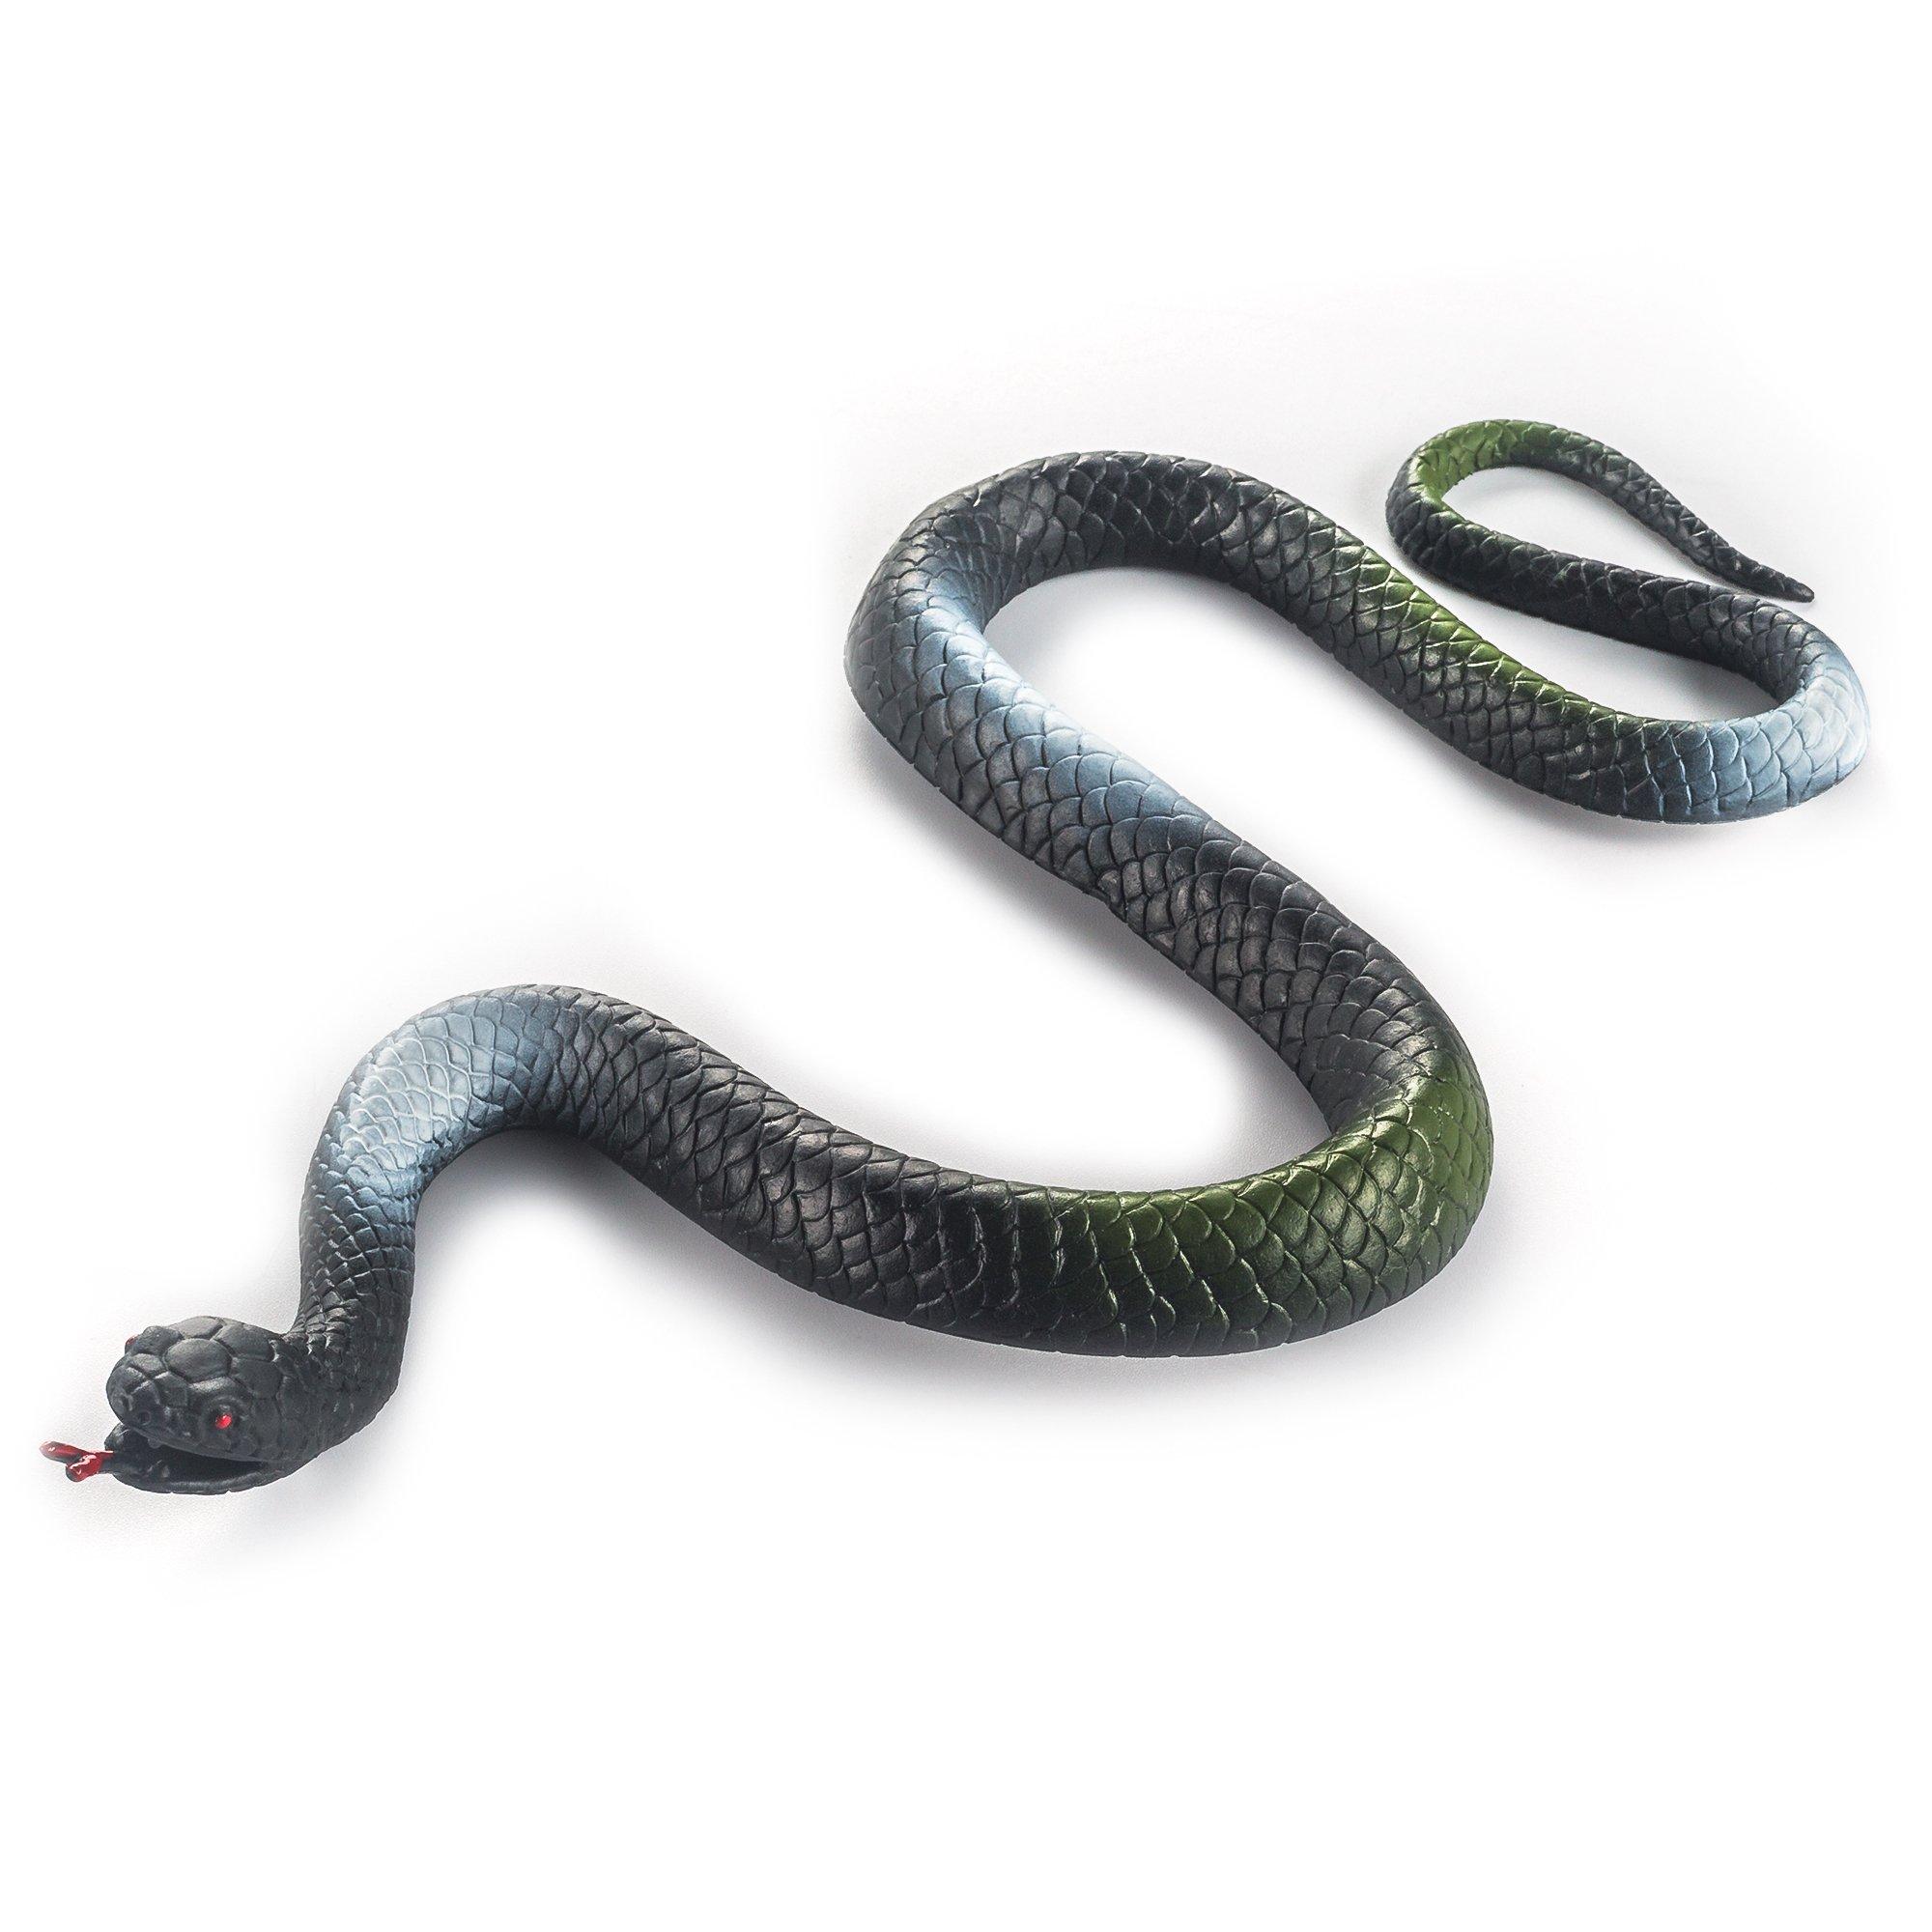 Stuffed Snake Pattern Free Patterns